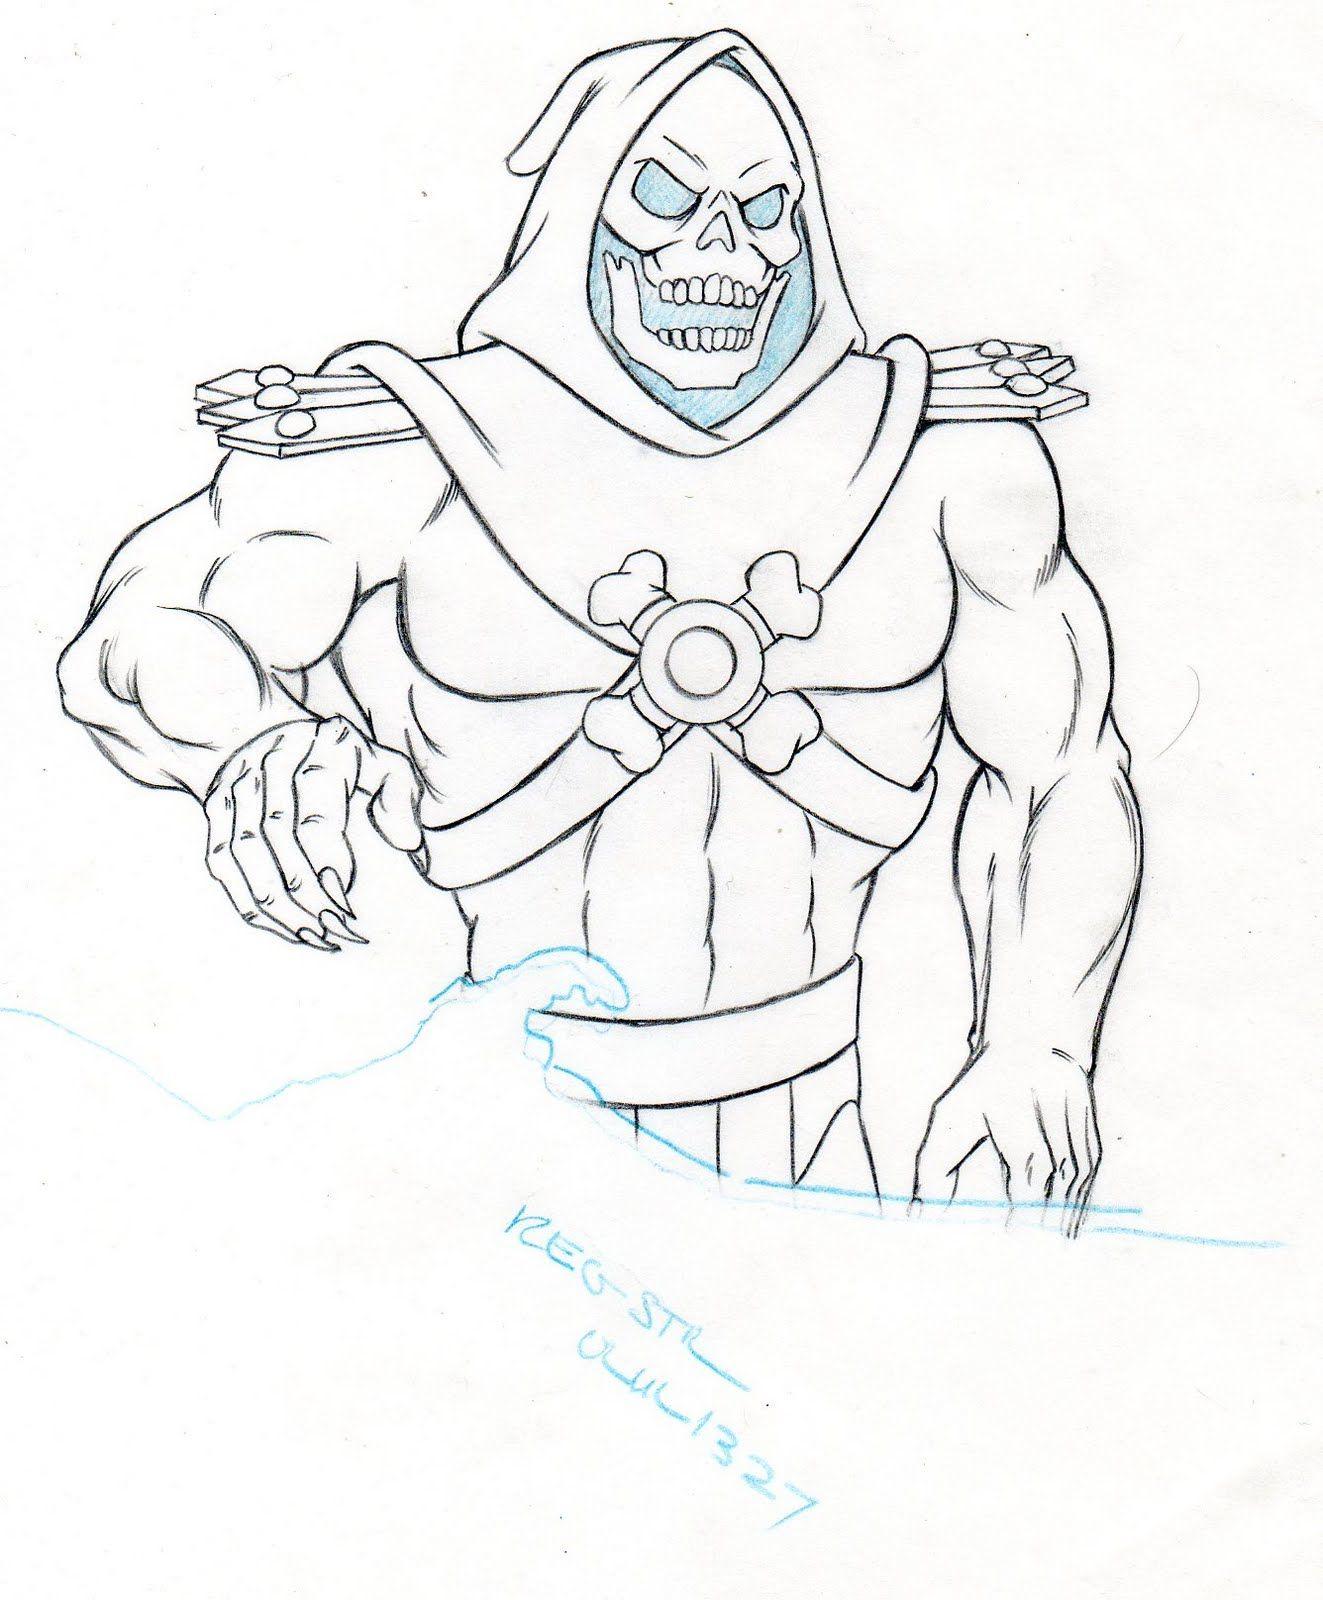 Imágenes para Colorear de He-Man (18 fotos) - Imagenes y Carteles ...